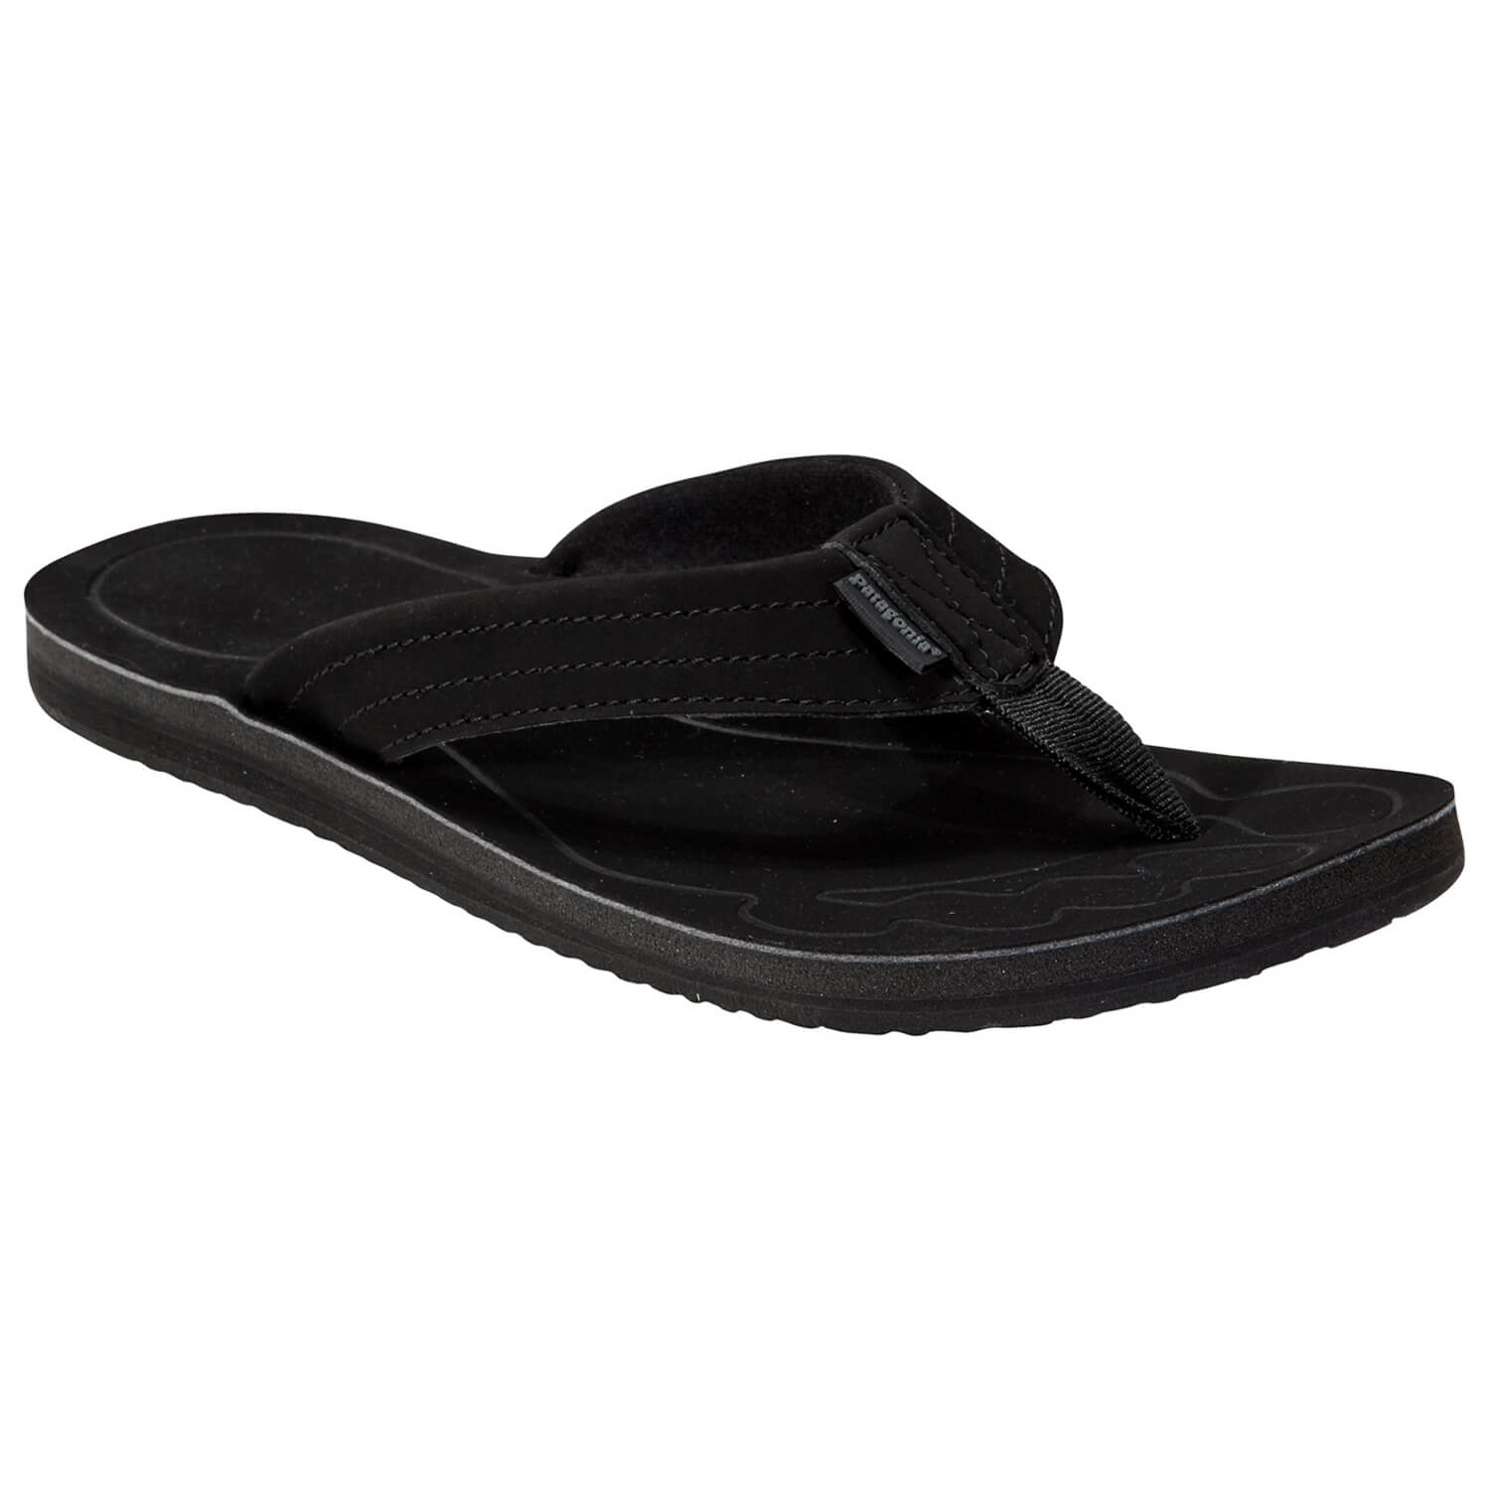 d8742927eae Patagonia - Women s Upflip - Sandals